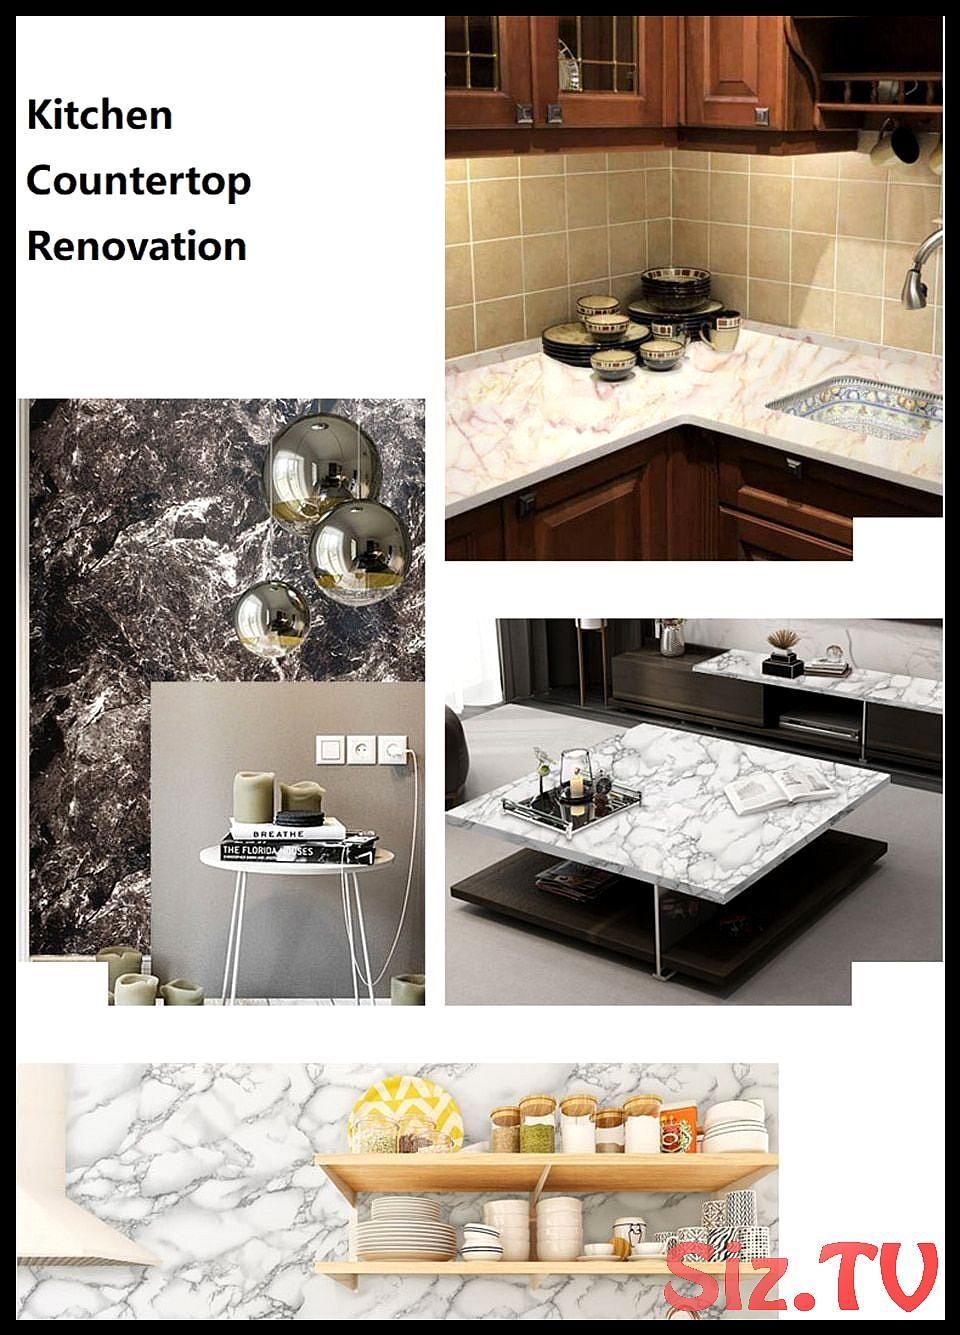 Waterproof Pvc Vinyl Shelf Liner Marble Contact Paper For Kitchen Countertops Bathroom Self Adhesive Wallpaper Home Kitchen Countertops Countertops Vinyl Shelf